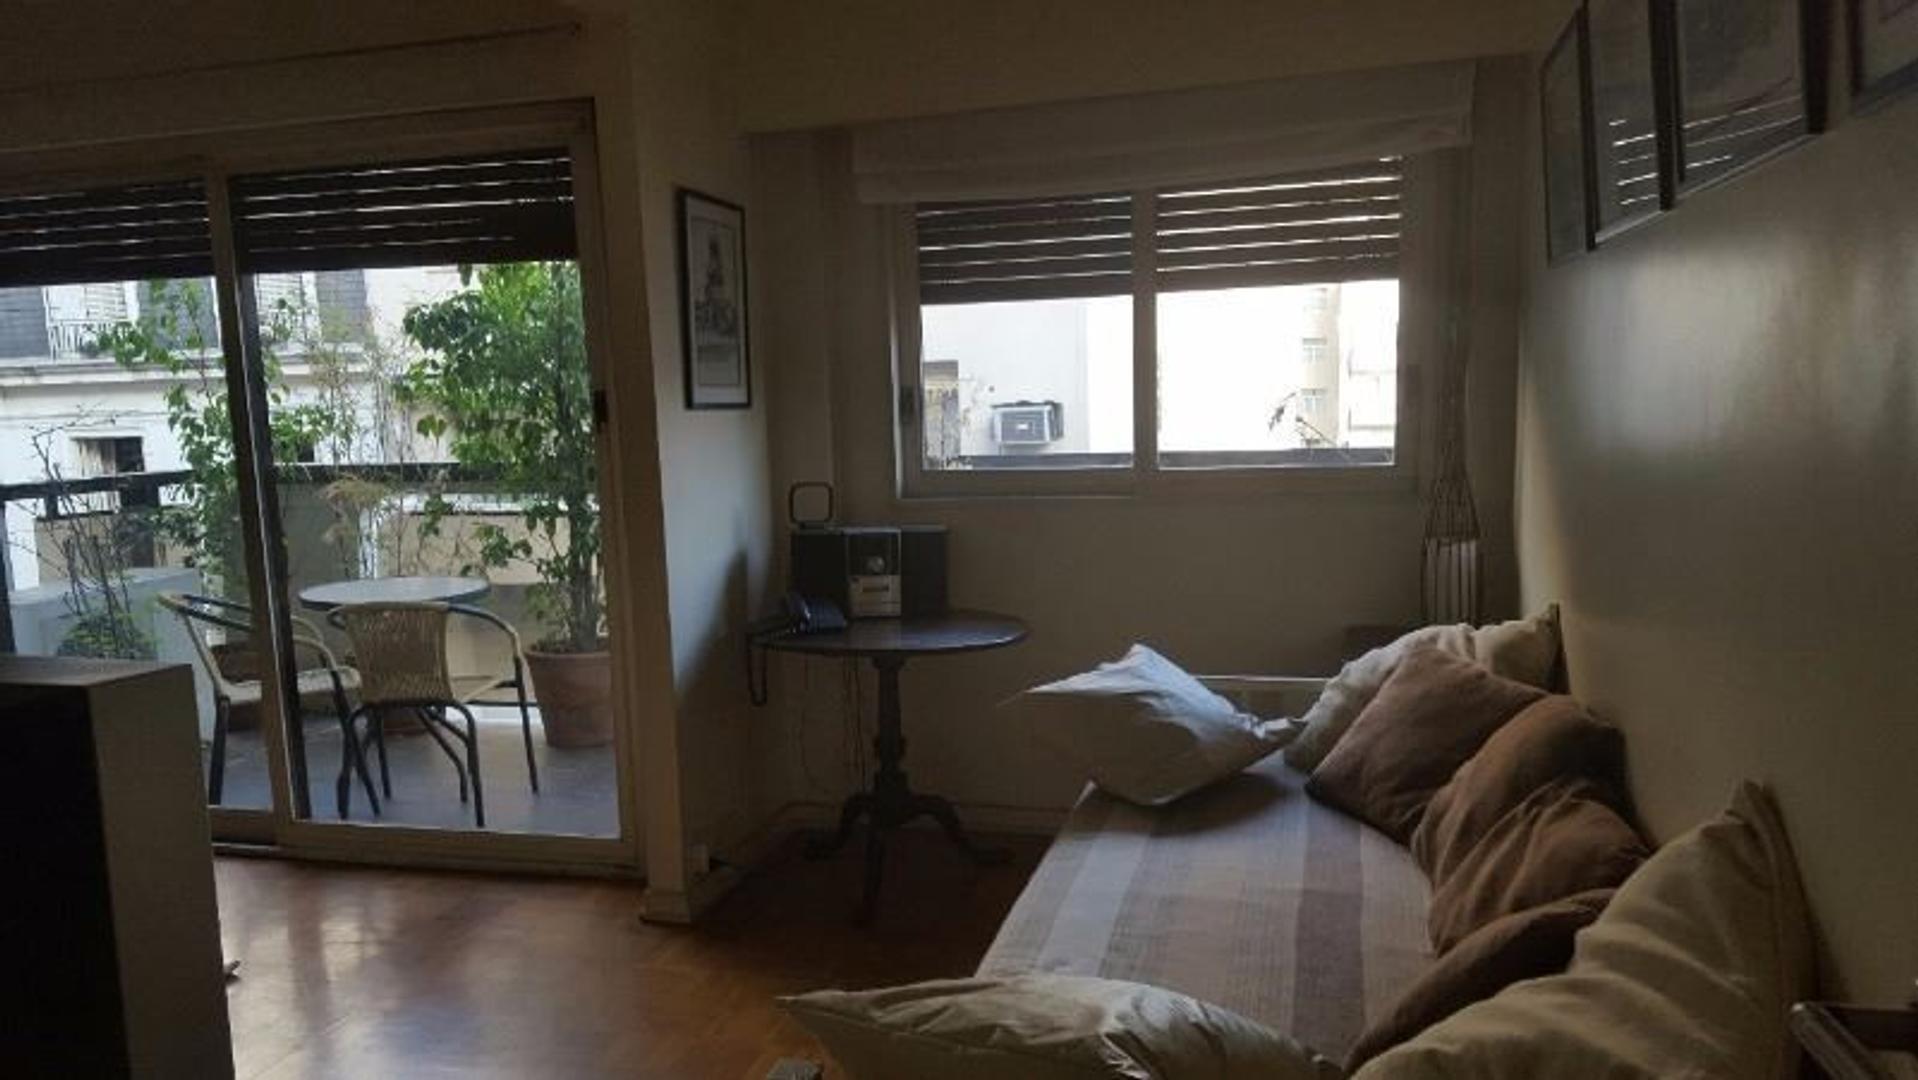 Temporario/3 Ambientes 140 m² luminoso/ Cochera/ Equipado y Amueblado wi fi, telefono,aire acond